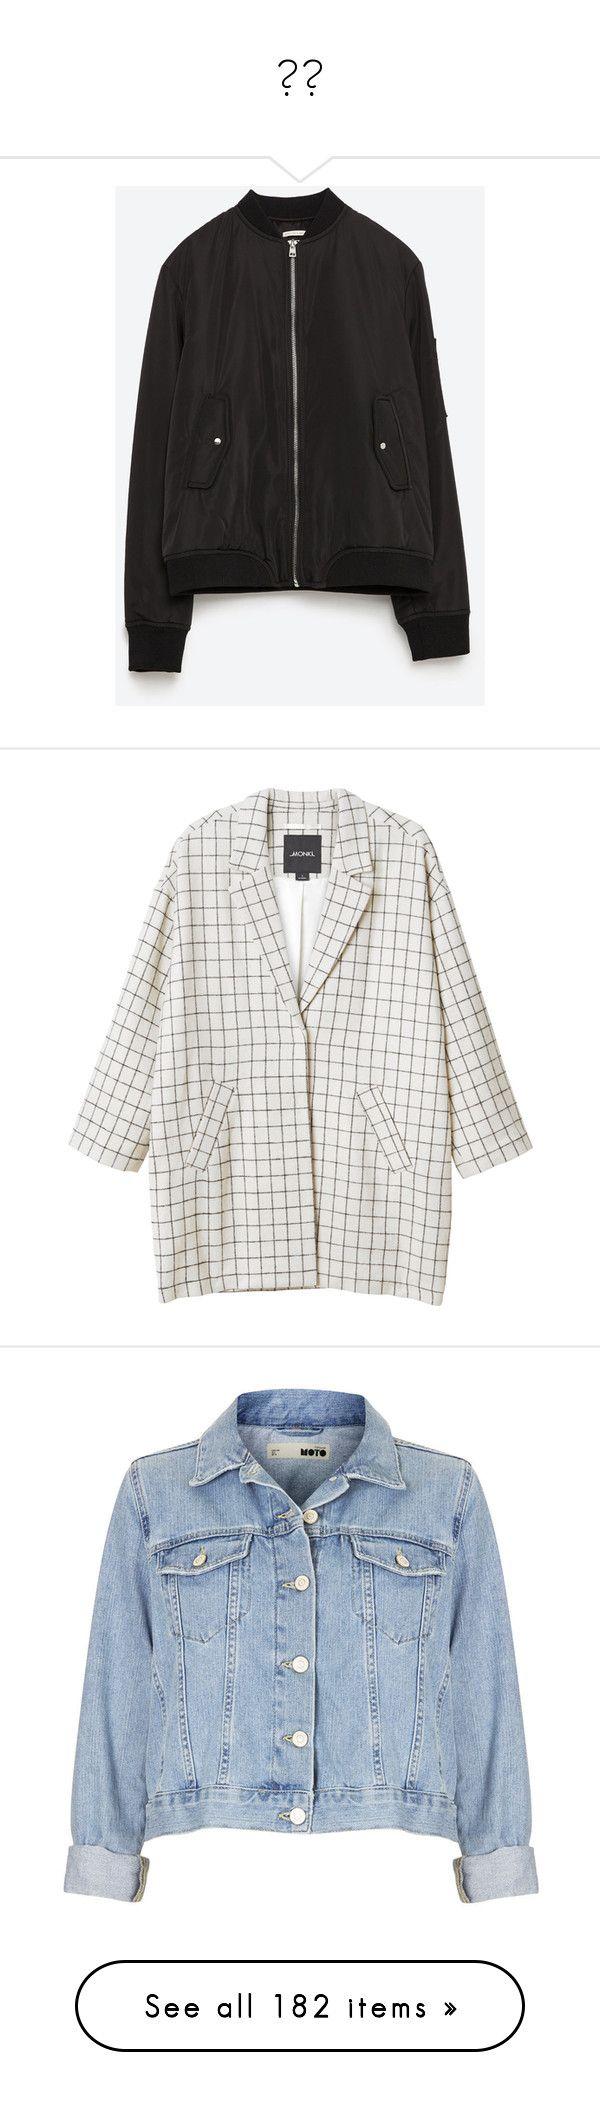 """""""上着"""" by k-inspired ❤ liked on Polyvore featuring outerwear, jackets, zara, black, coats & jackets, bomber style jacket, lined nylon jacket, nylon jacket, nylon bomber jacket and lined bomber jacket"""